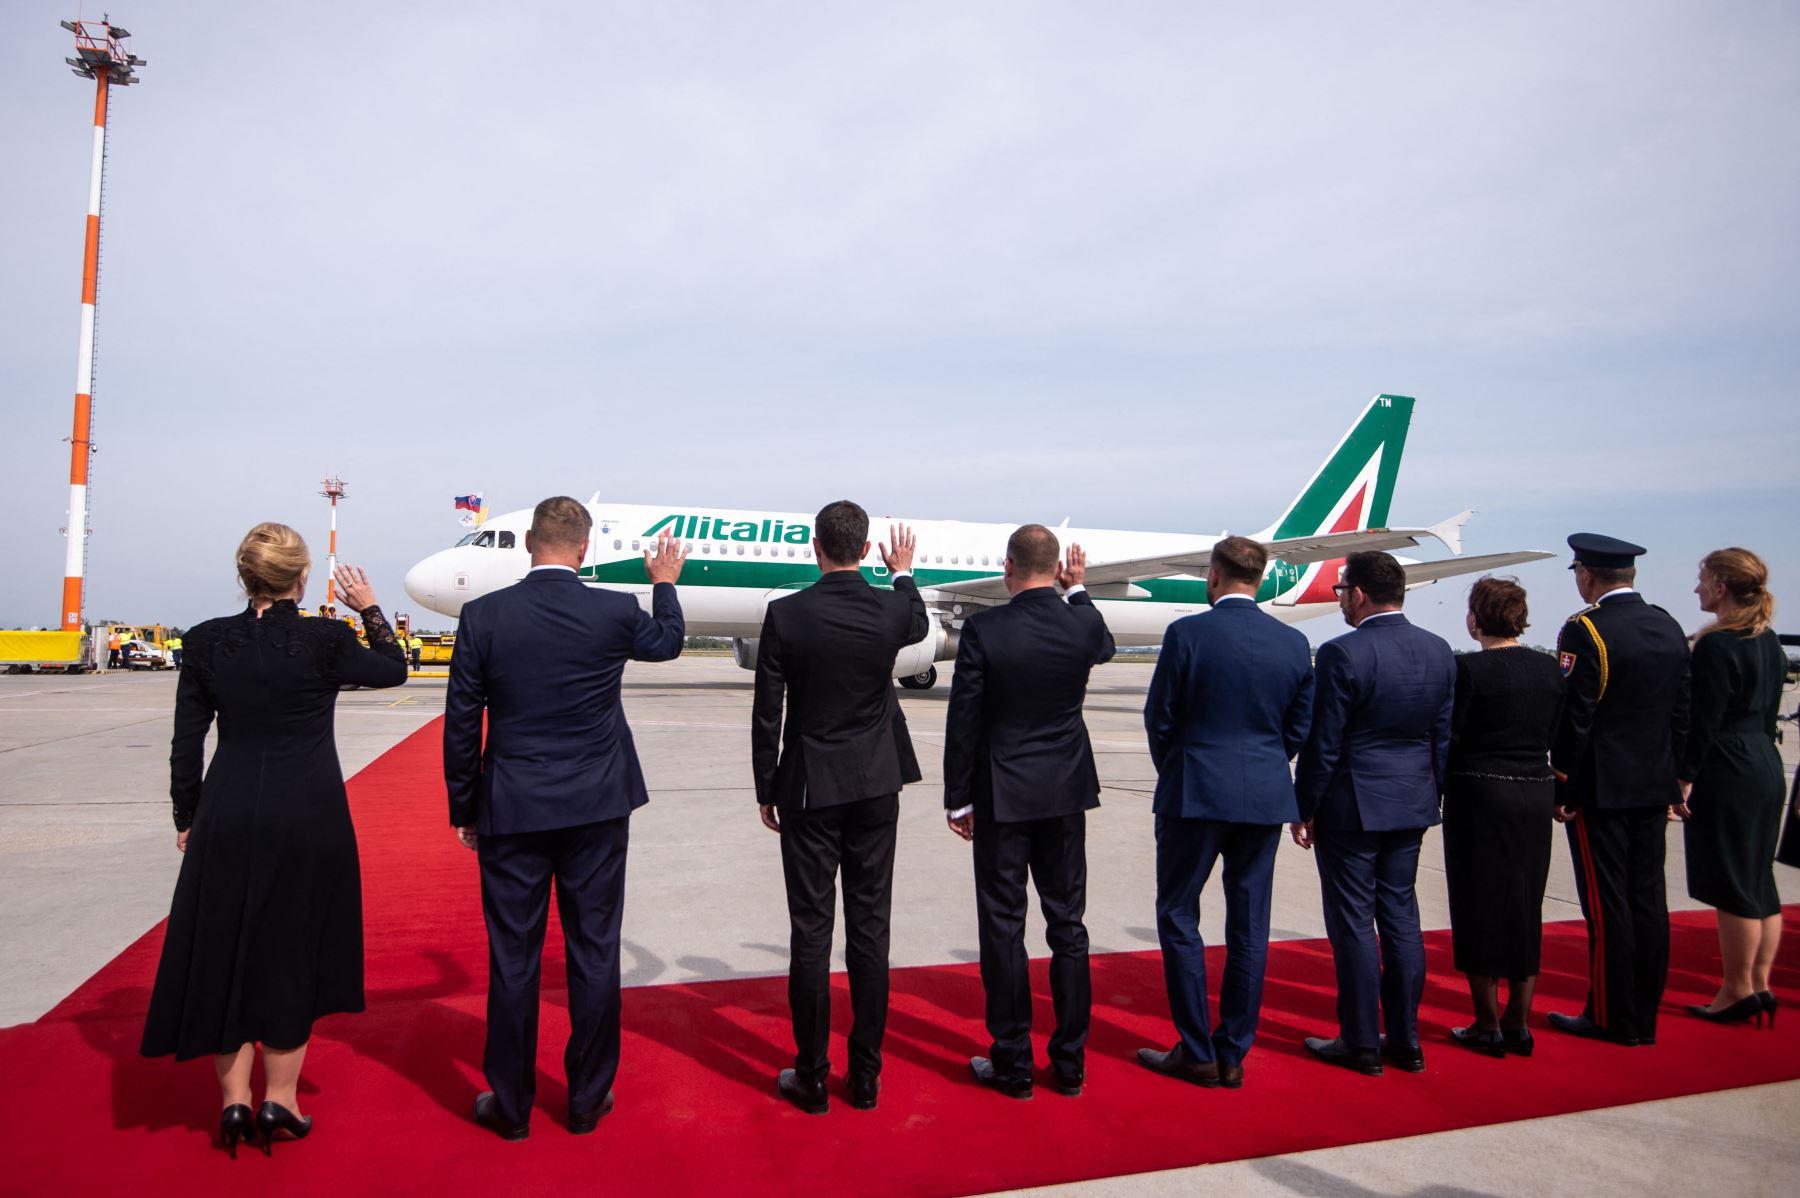 La presidenta eslovaca Zuzana Caputova  y otros líderes políticos eslovacos saludan cuando un avión de Alitalia con el Papa Francisco a bordo sale del aeropuerto internacional Milan Rastislav Stefanik de Bratislava en , Eslovaquia. Foto: AFP